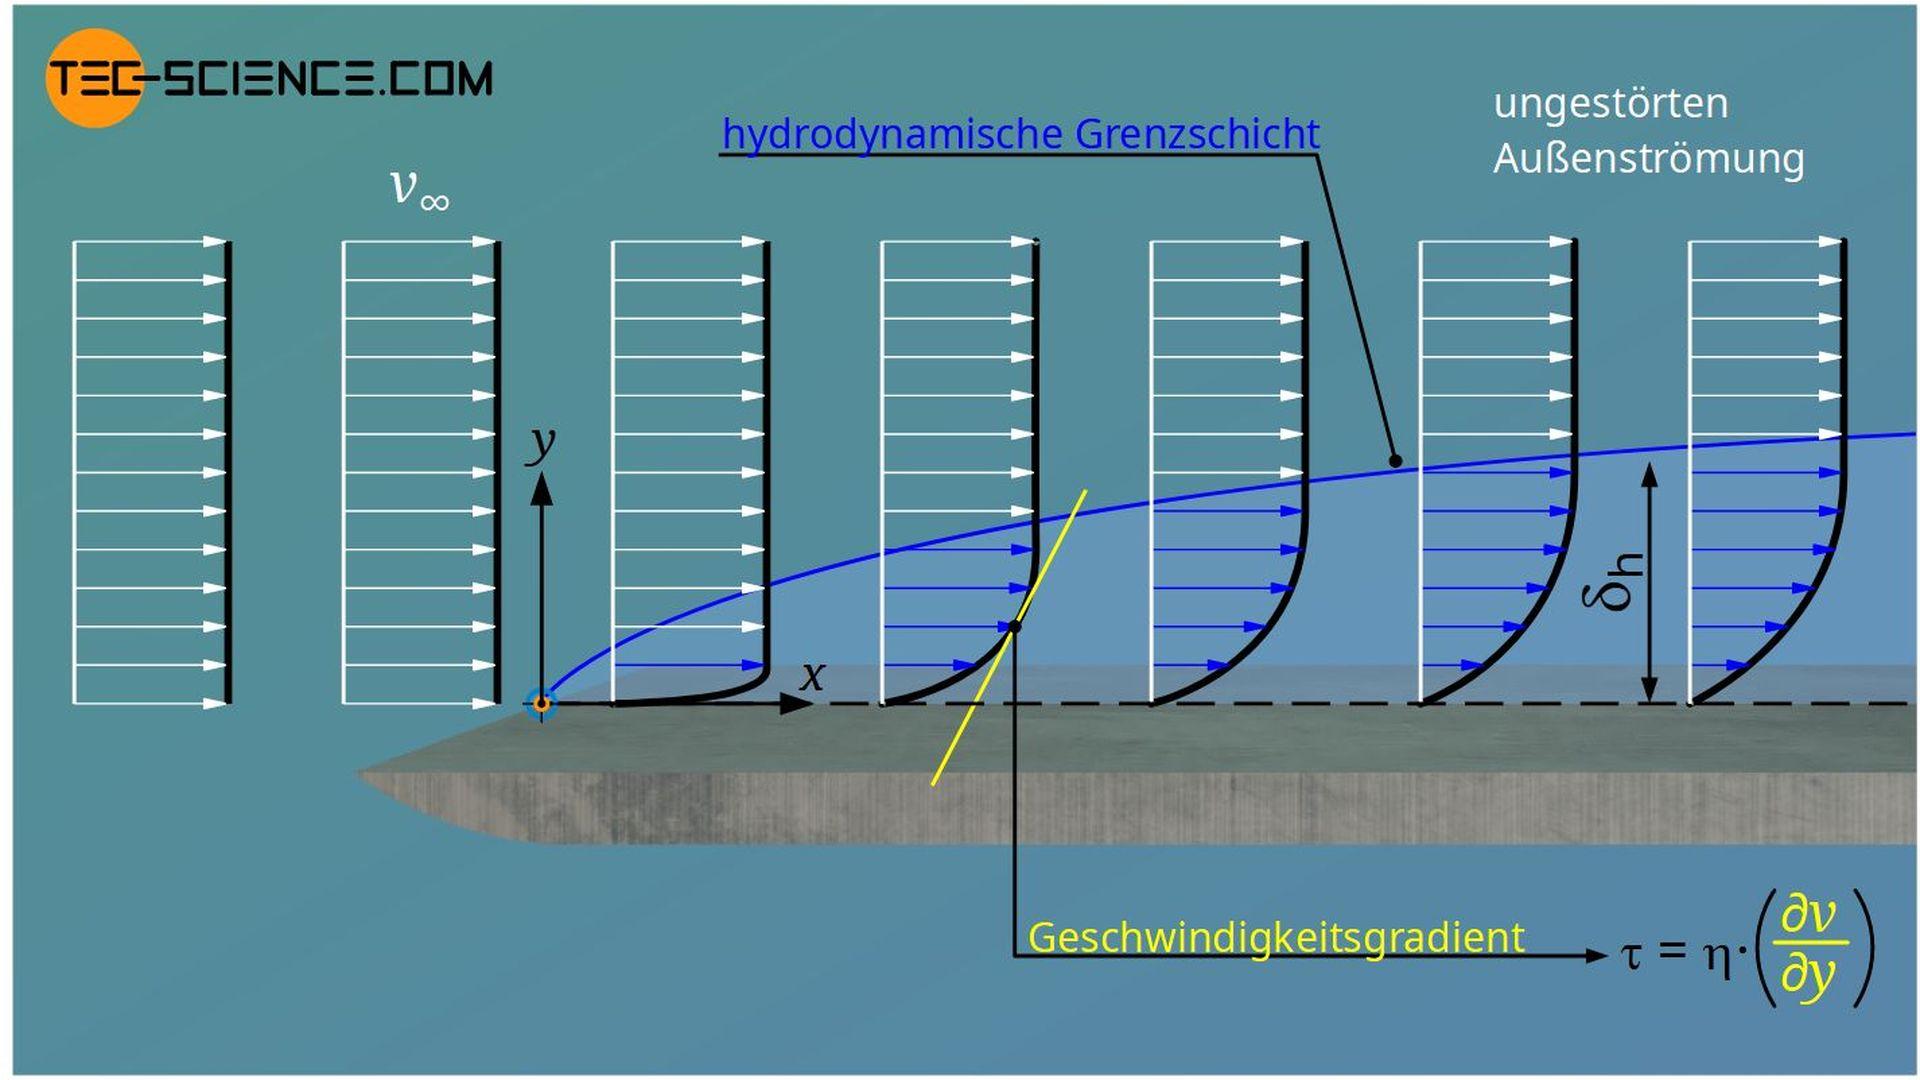 Hydrodynamischen Grenzschicht (Geschwindigkeitsgrenzschicht)